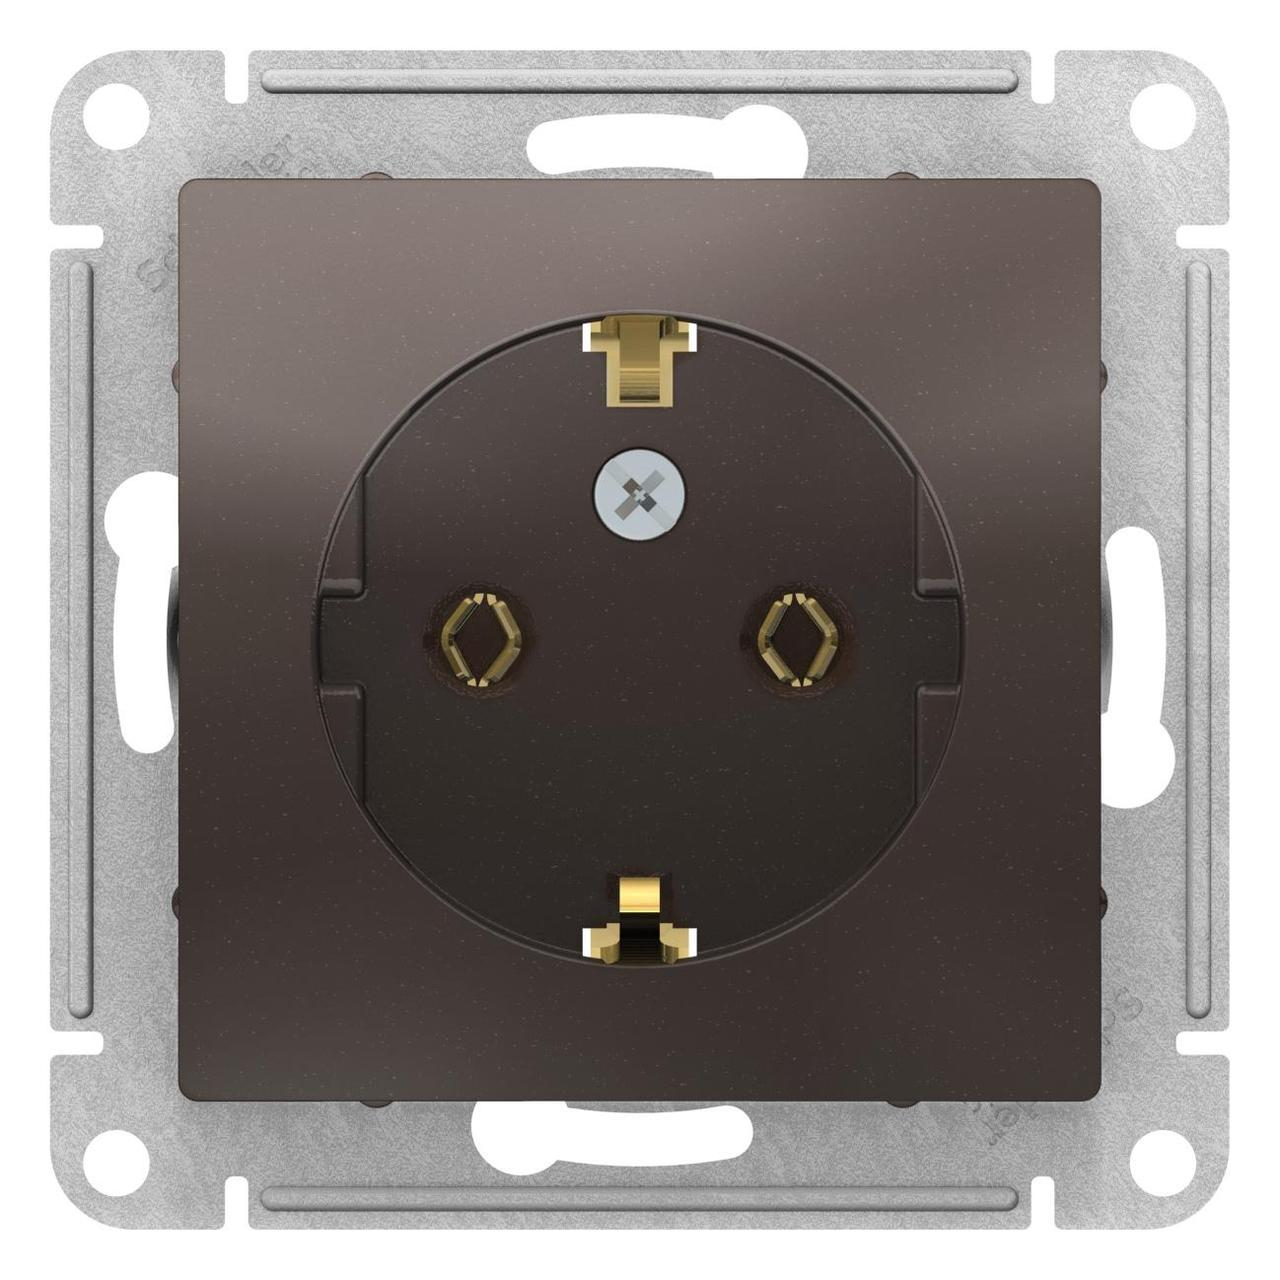 Розетка 1-ая электрическая , с заземлением (винтовой зажим) , Мокко, серия Atlas Design, Schneider Electric